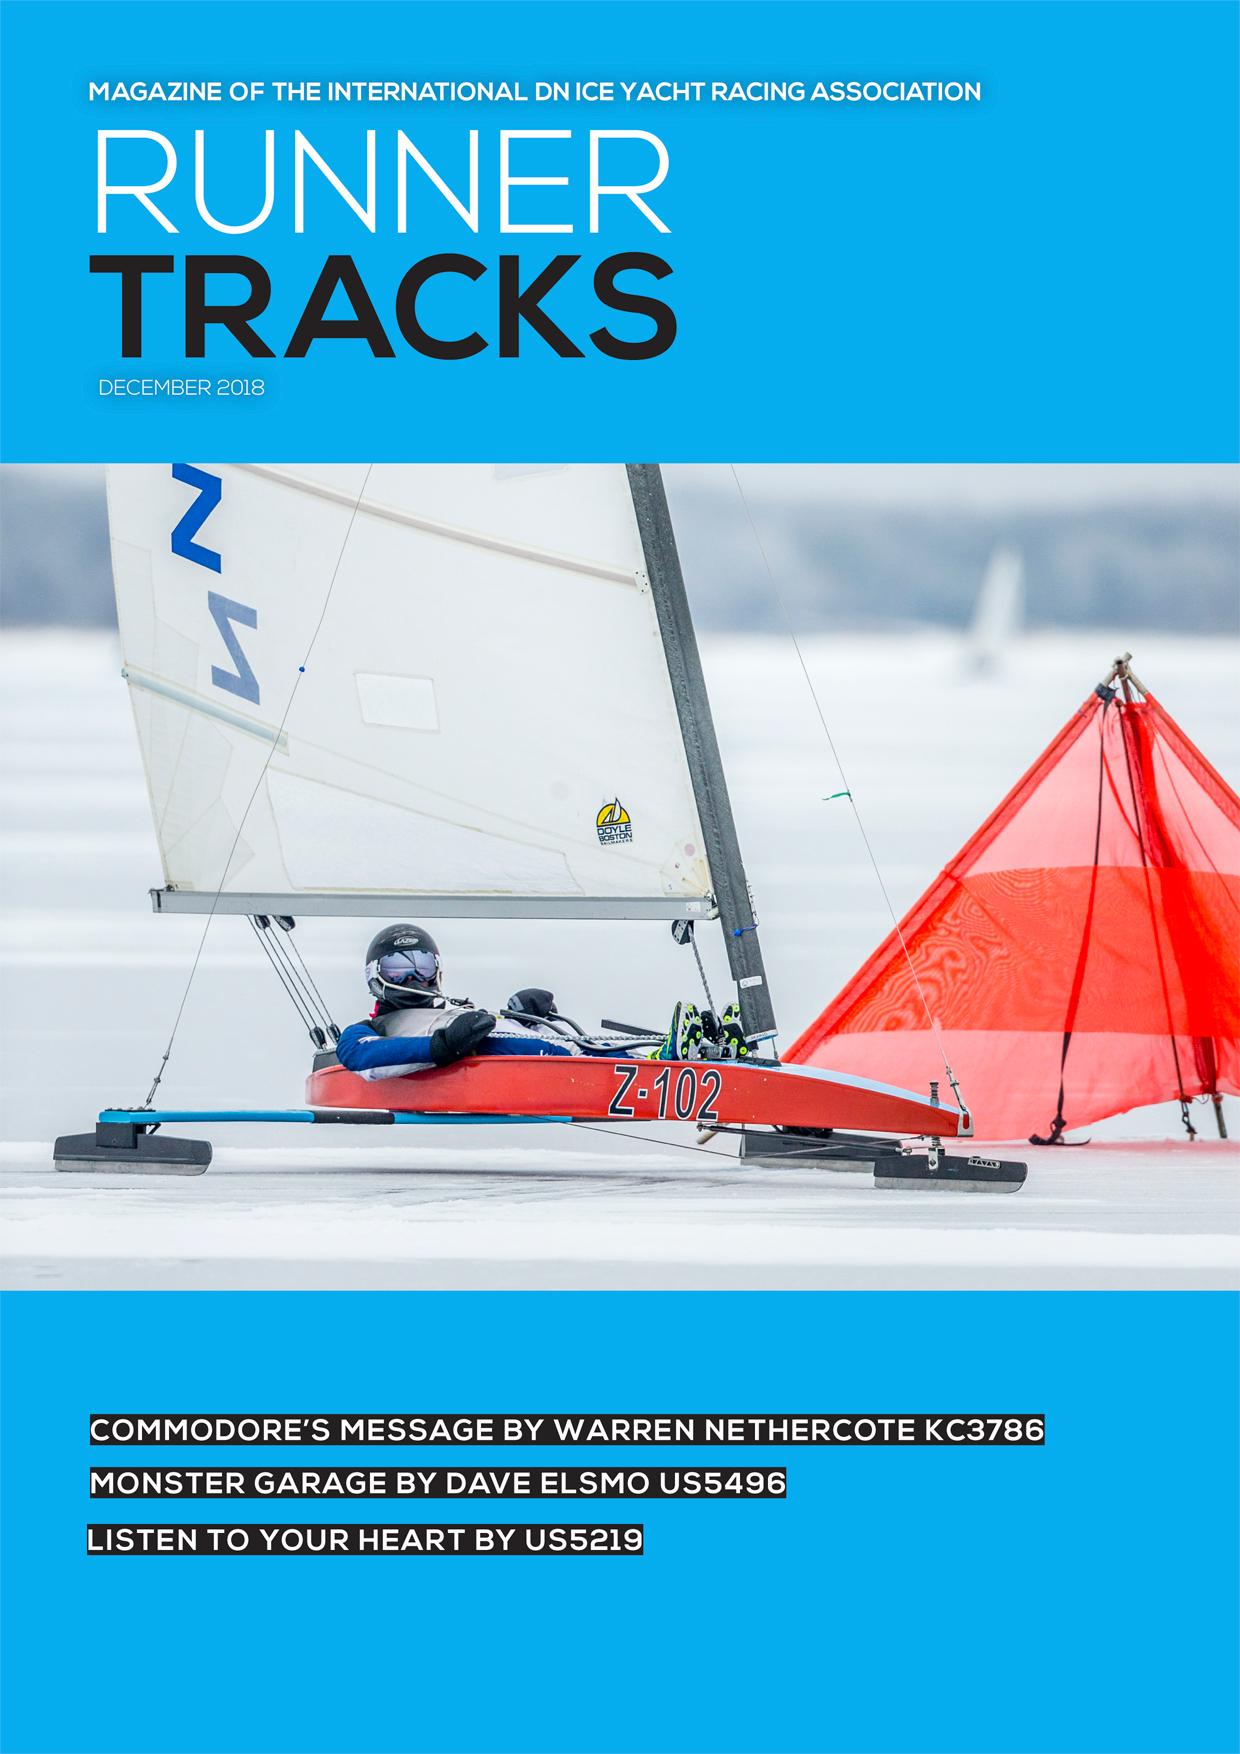 Runner_Tracks_Dec_2018_Cover_1240.jpg